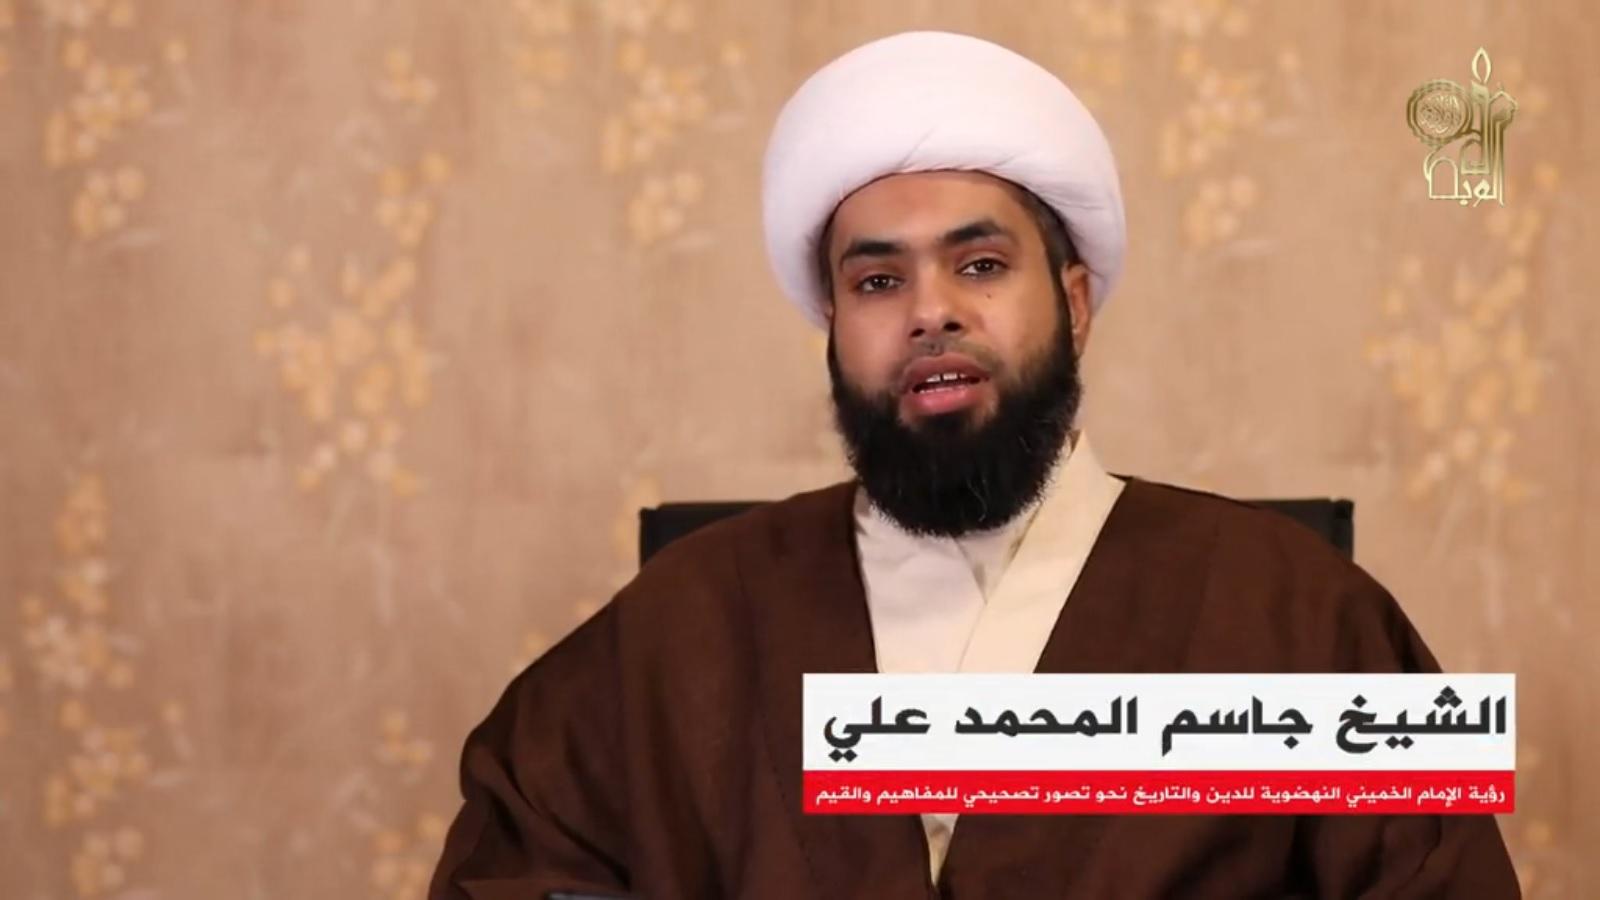 رؤية الإمام الخميني النهضوية للدين والتاريخ نحو تصور تصحيحي للمفاهيم والقيم